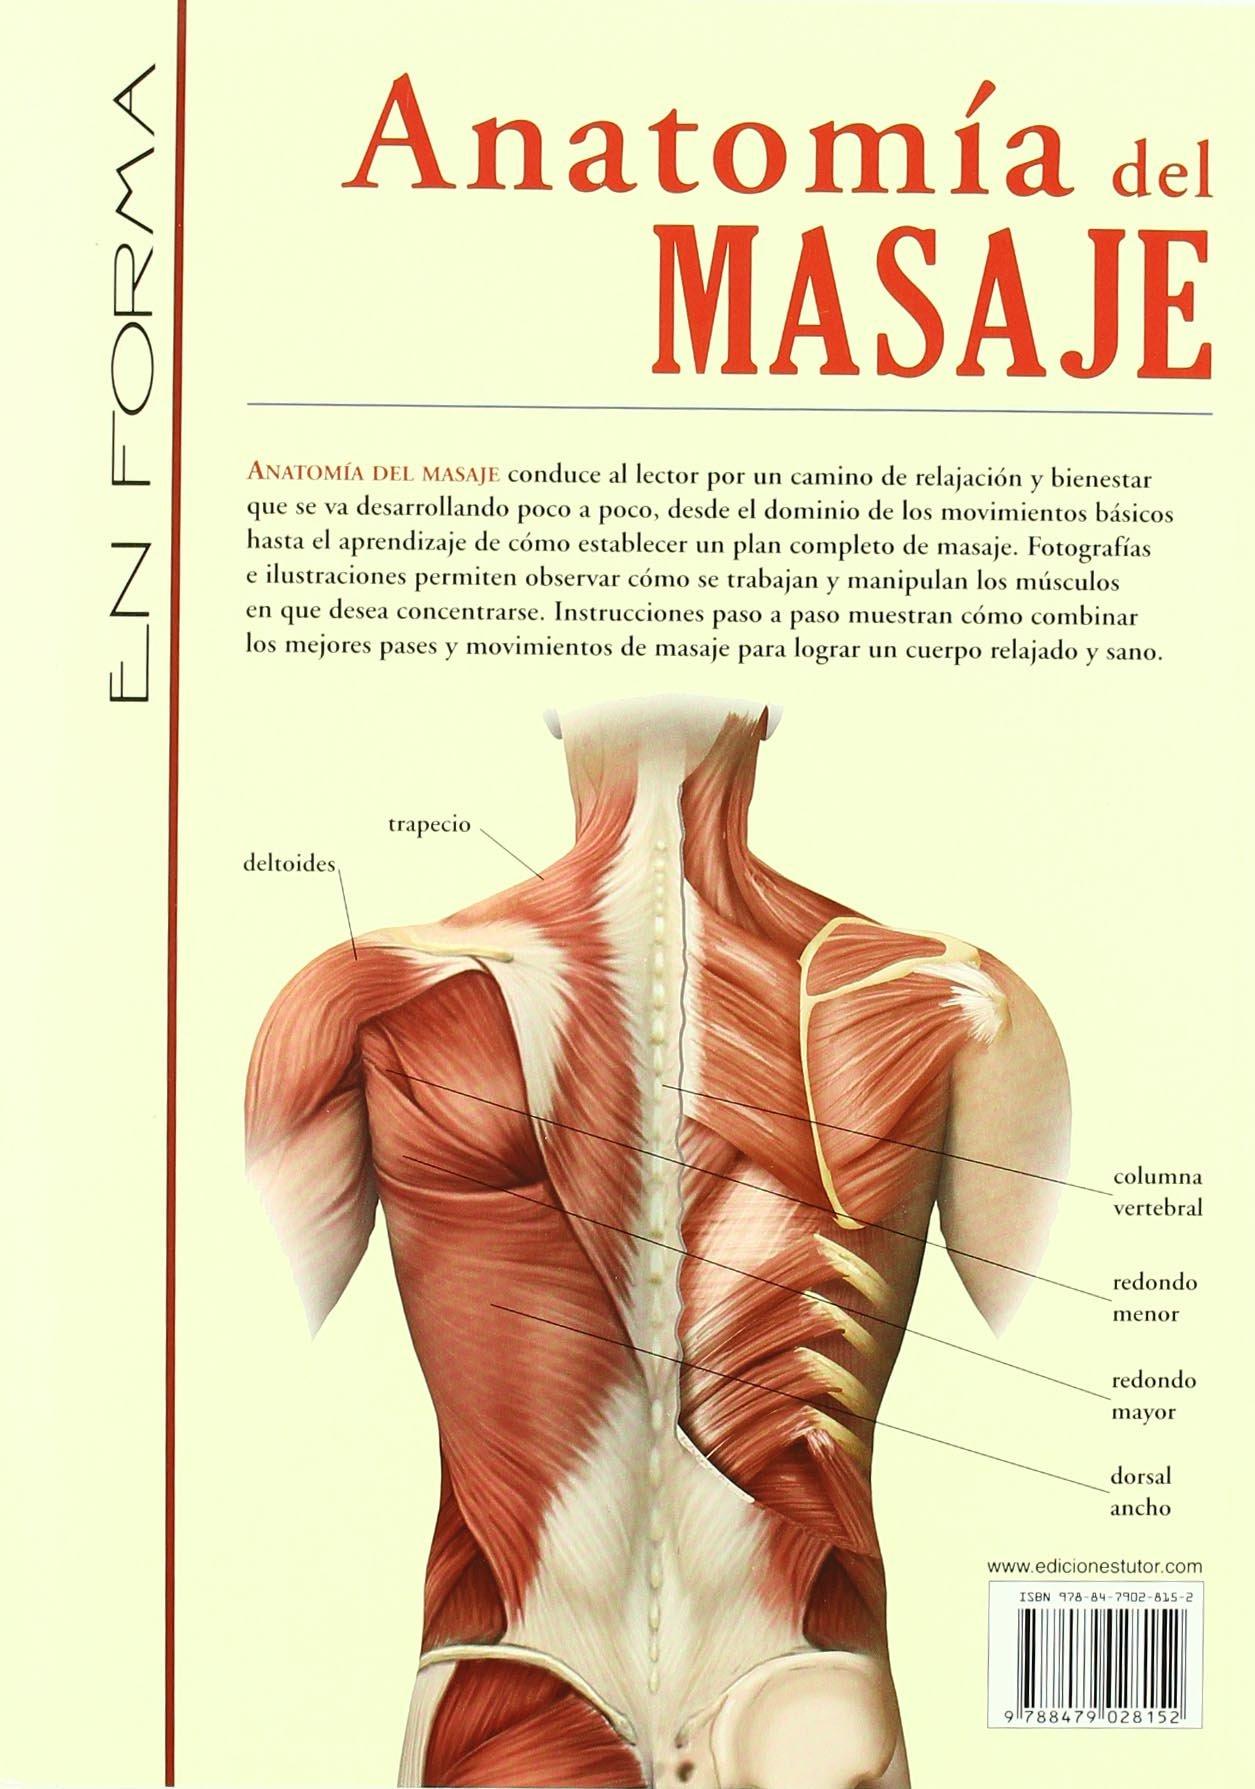 Anatomía Del Masaje: Amazon.es: Abby Ellsworth, Peggy Altman: Libros